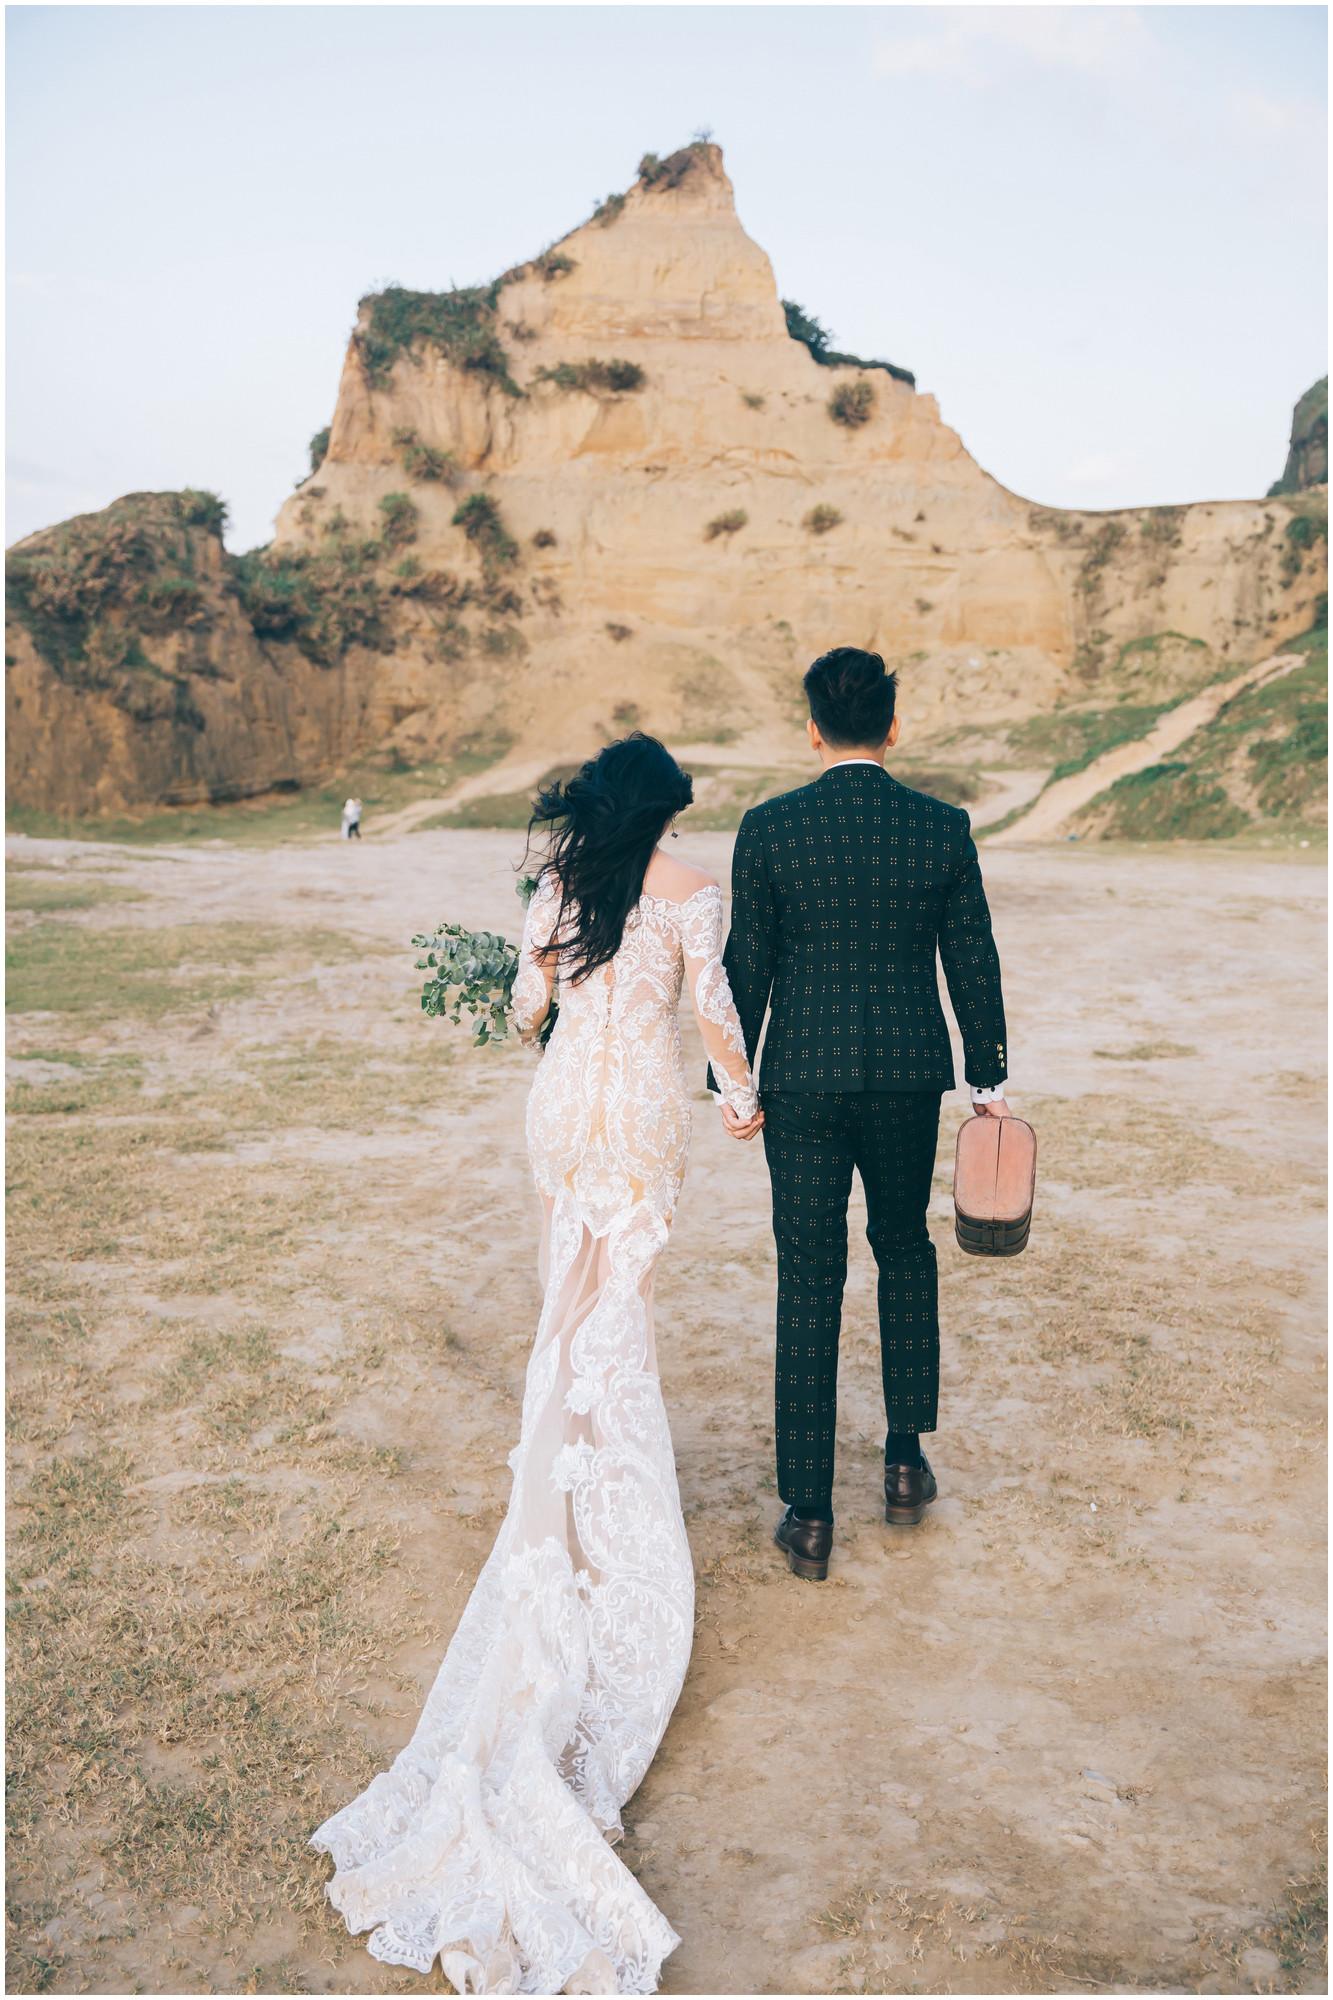 愛神婚紗基地 / 水牛坑 / 寵物婚紗 / 自然捲棚拍 / 素人寫真